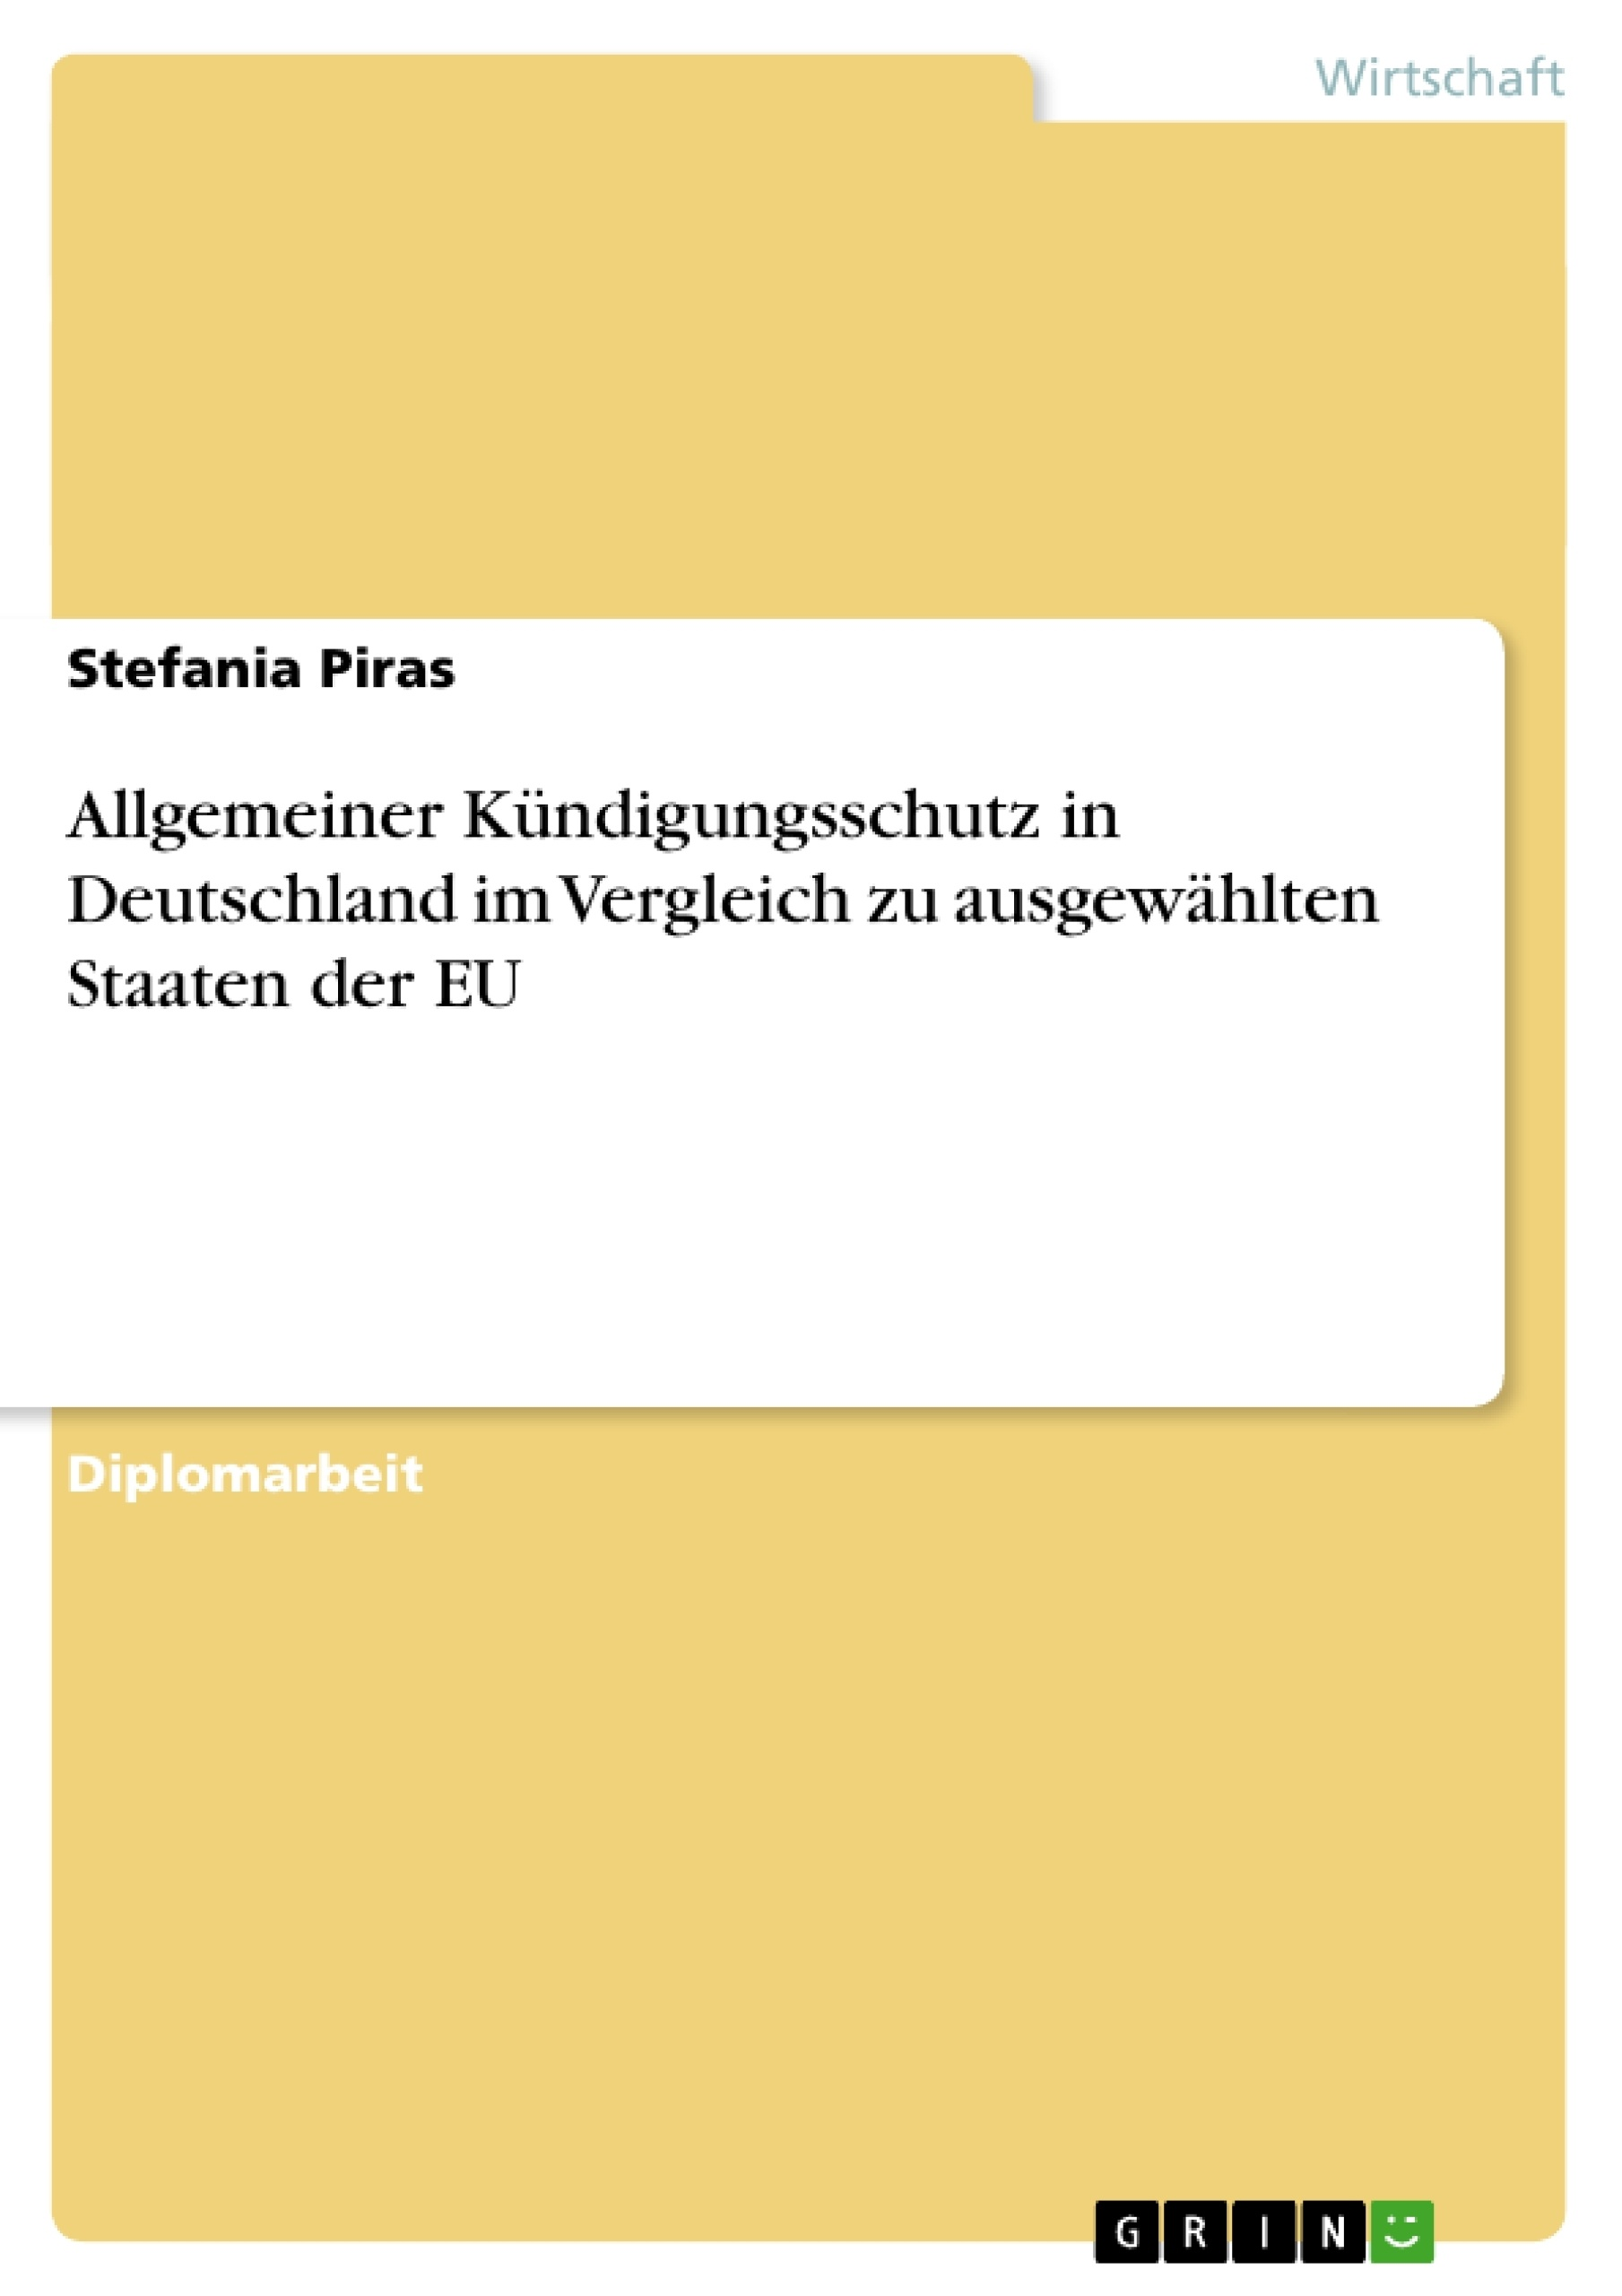 Titel: Allgemeiner Kündigungsschutz in Deutschland im Vergleich zu ausgewählten Staaten der EU